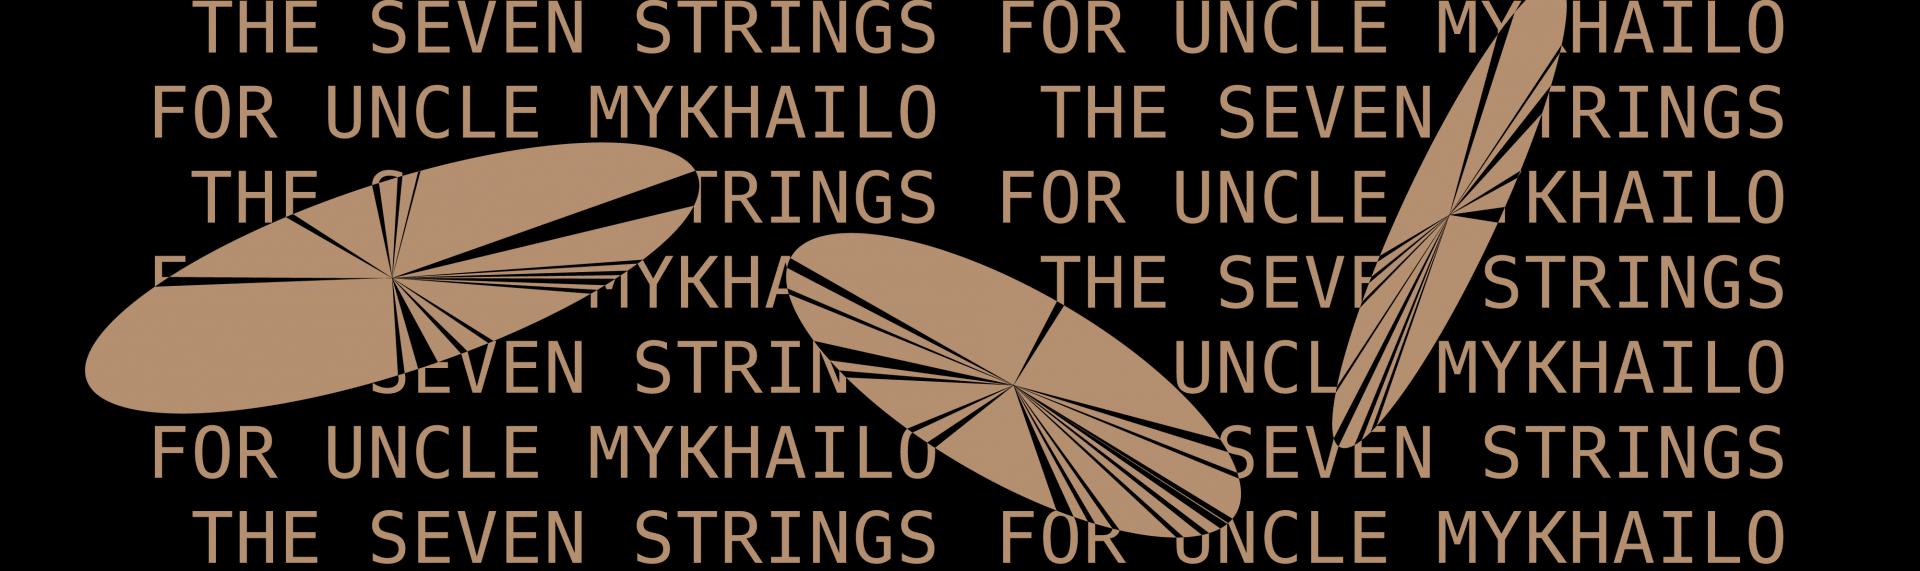 The Seven Strings for Uncle Mykhailo Music Program